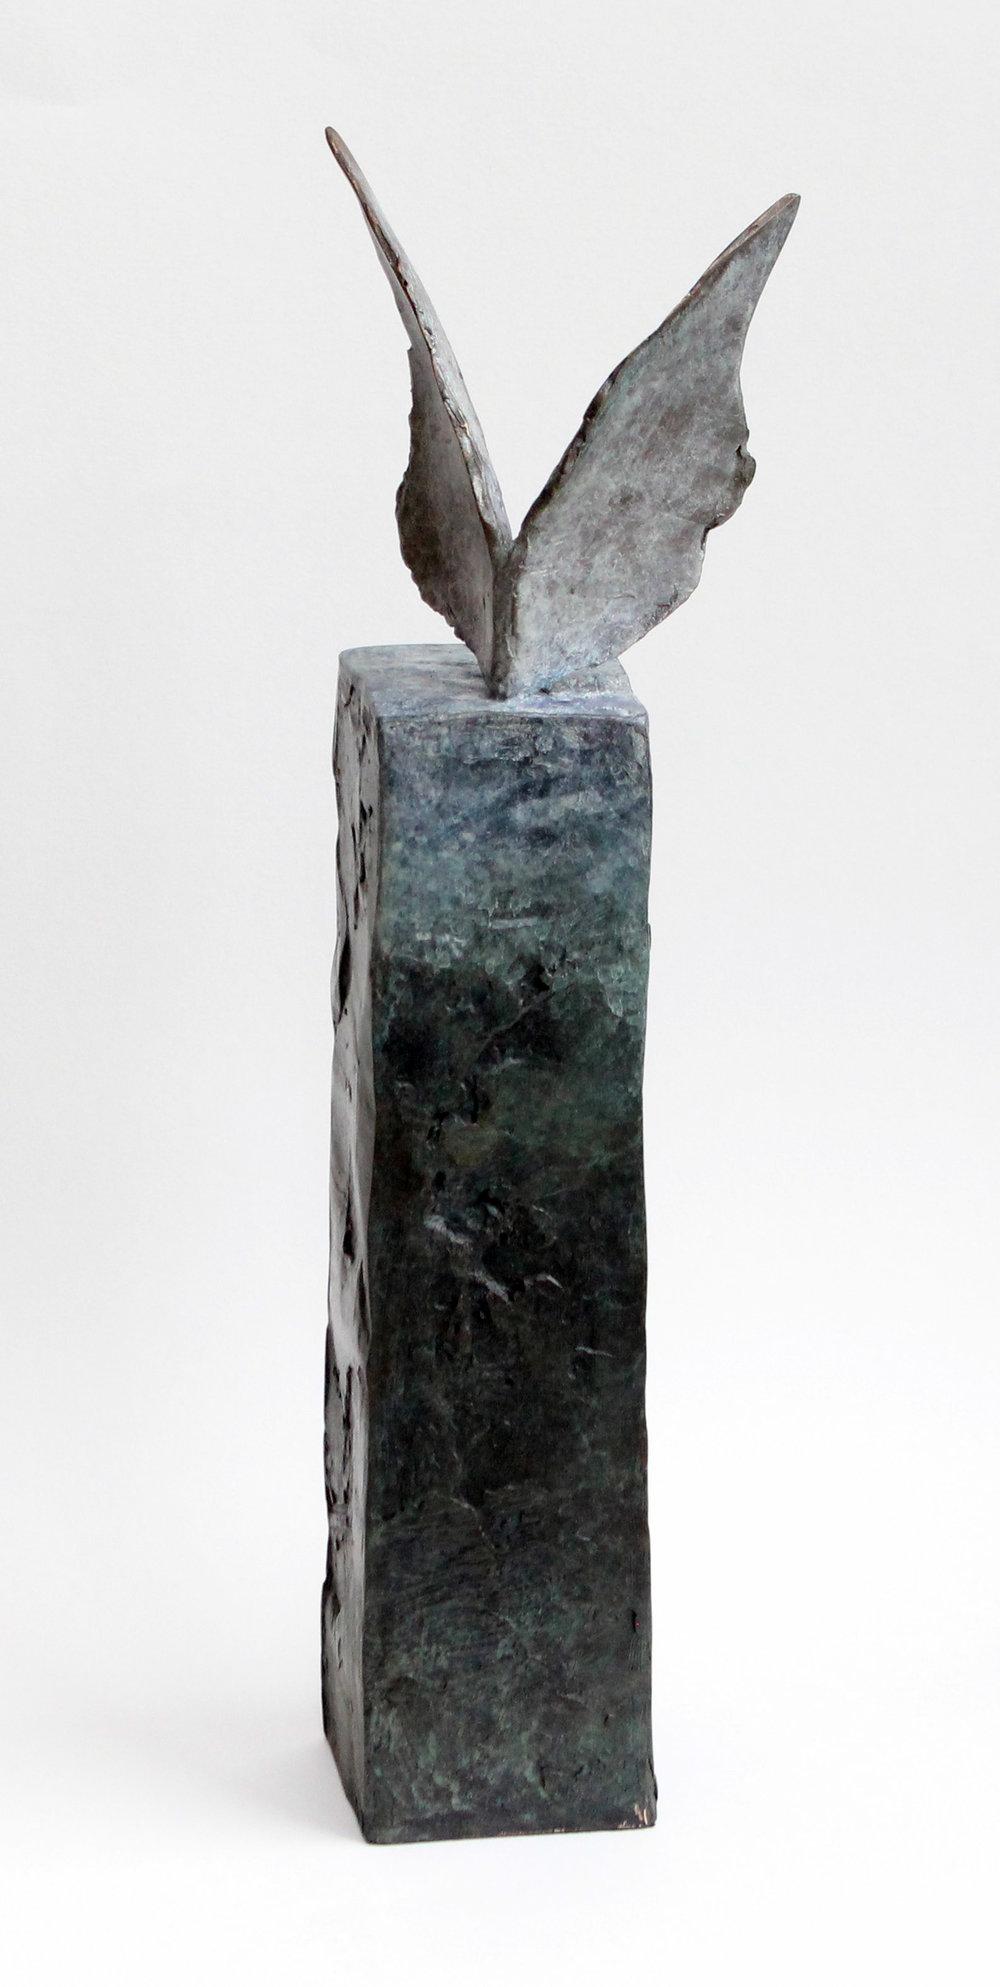 Annika Berglund, 'Soaring I', bronze (34 x 10 x 7 cm)